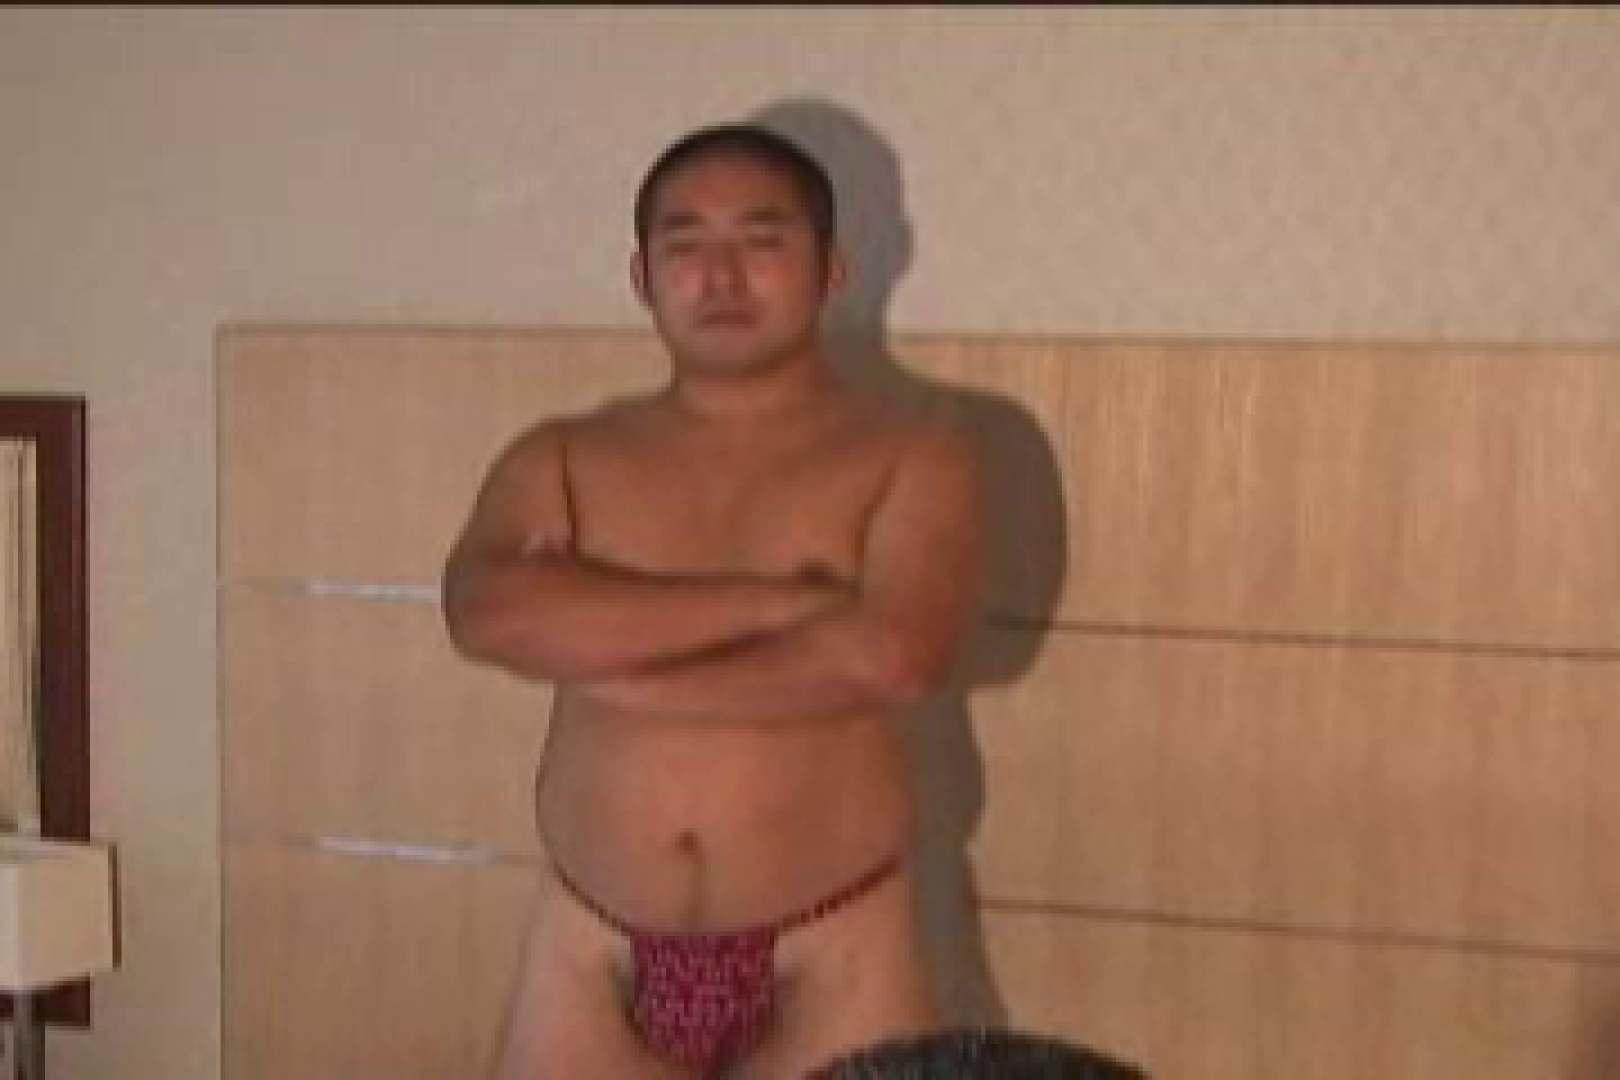 悶絶!!ケツマンFighters!! Part.02 フェラ天国 男同士画像 91pic 3